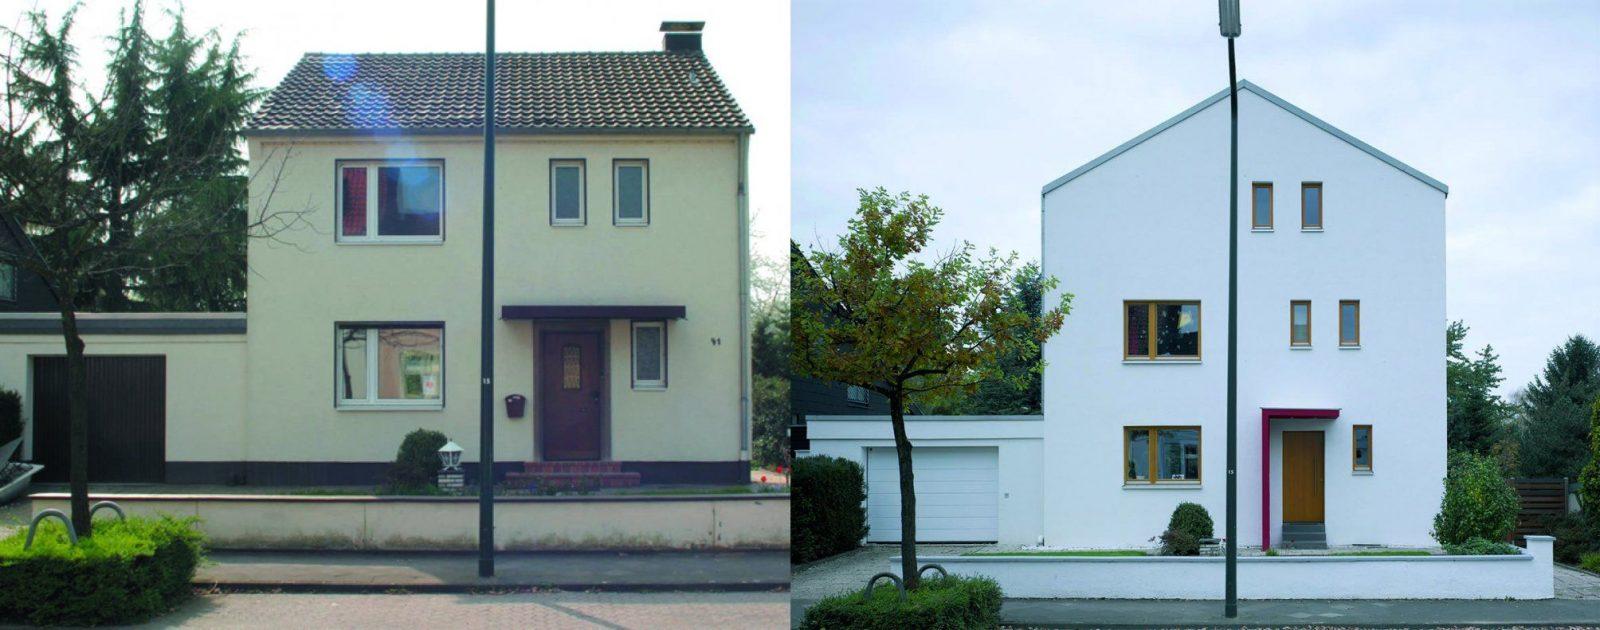 Verwunderlich Altes Haus Sanieren Vorher Nachher Haus Umbauen Vorher von Haus Umbauen Vorher Nachher Bild